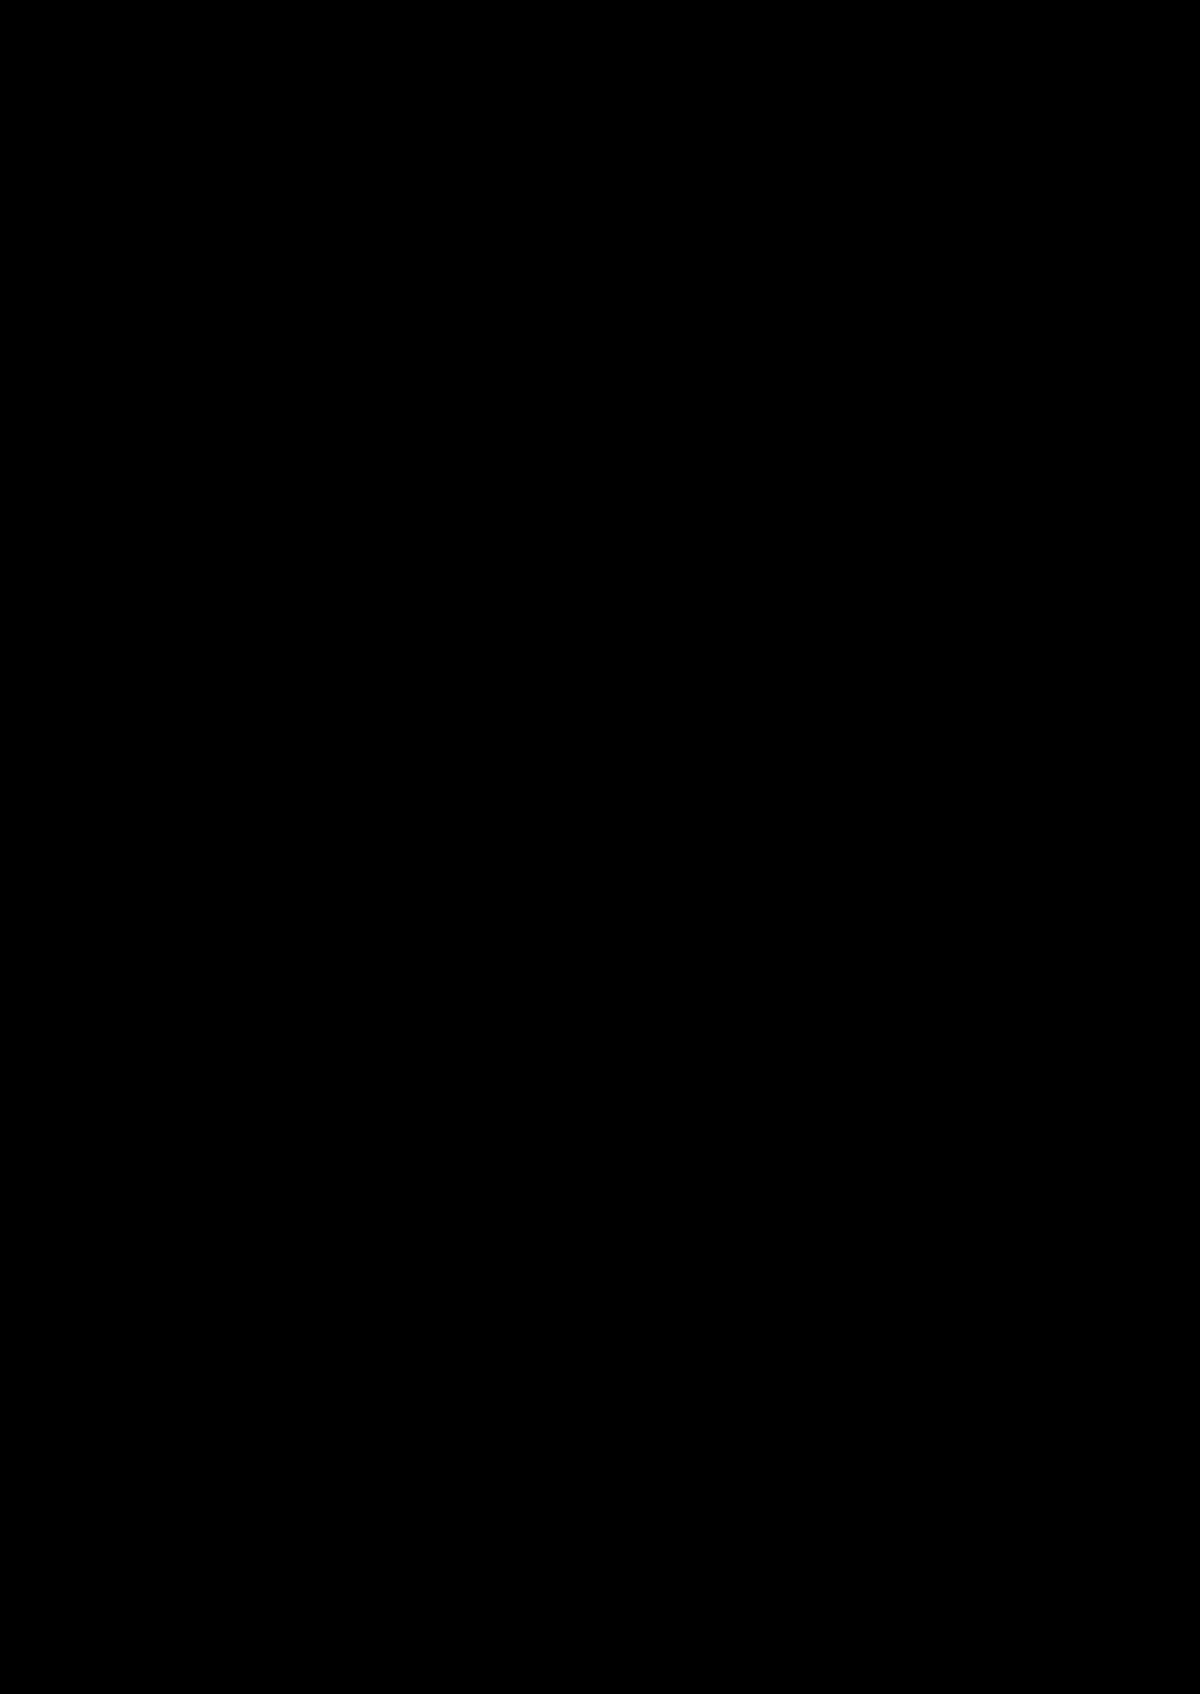 1200x1694 Stick Figure